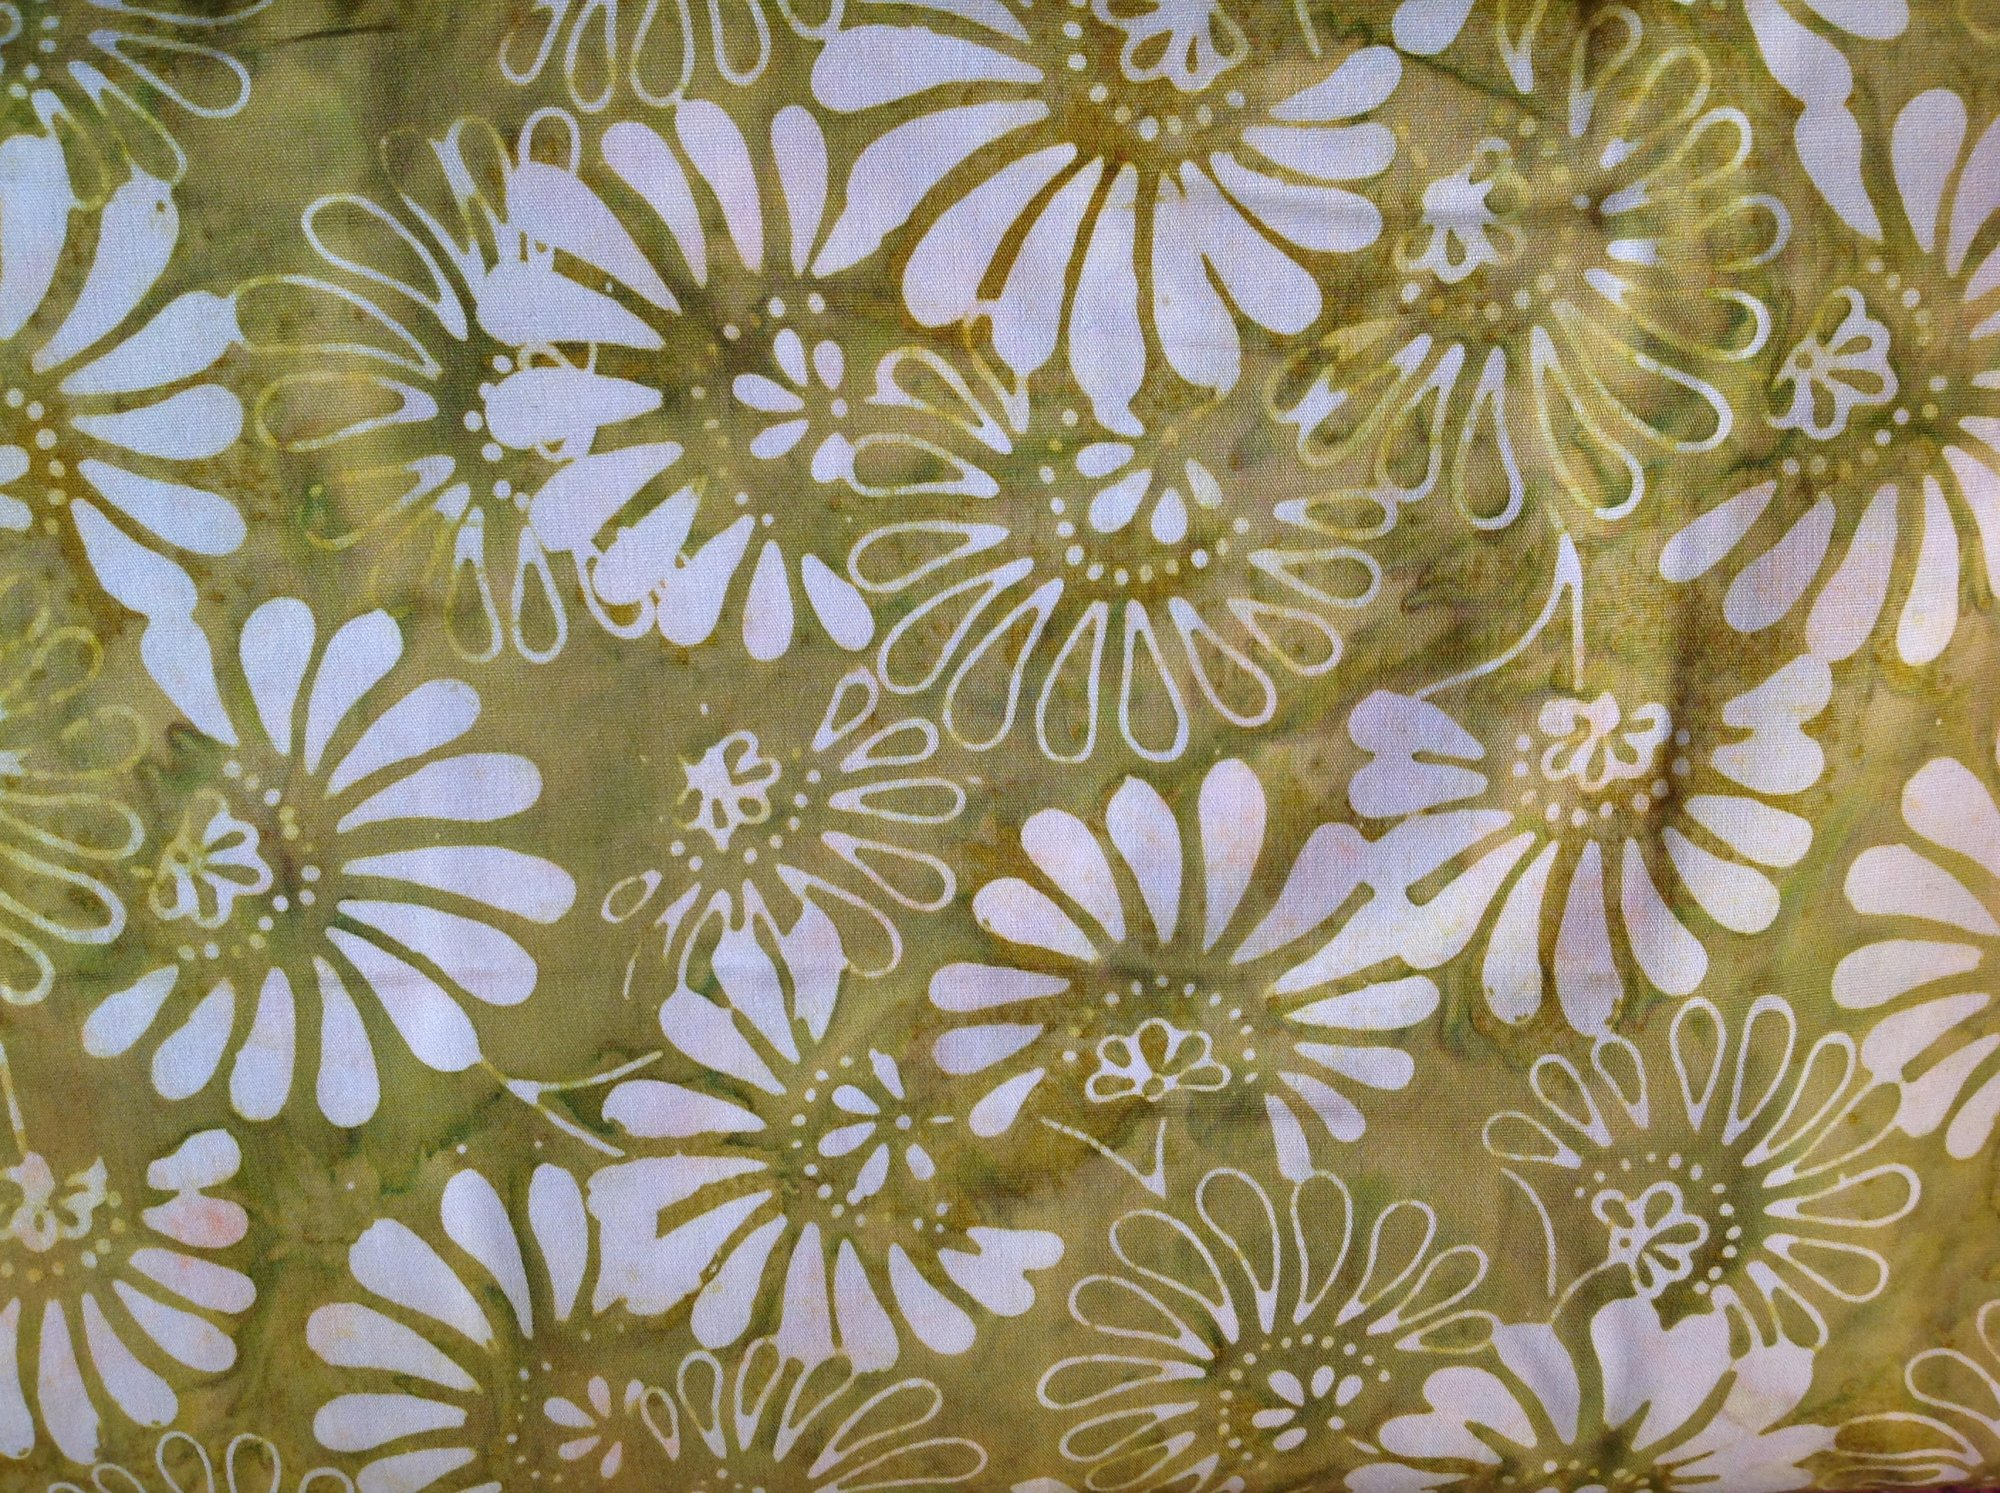 Yellow/Green Floral Fan Batik